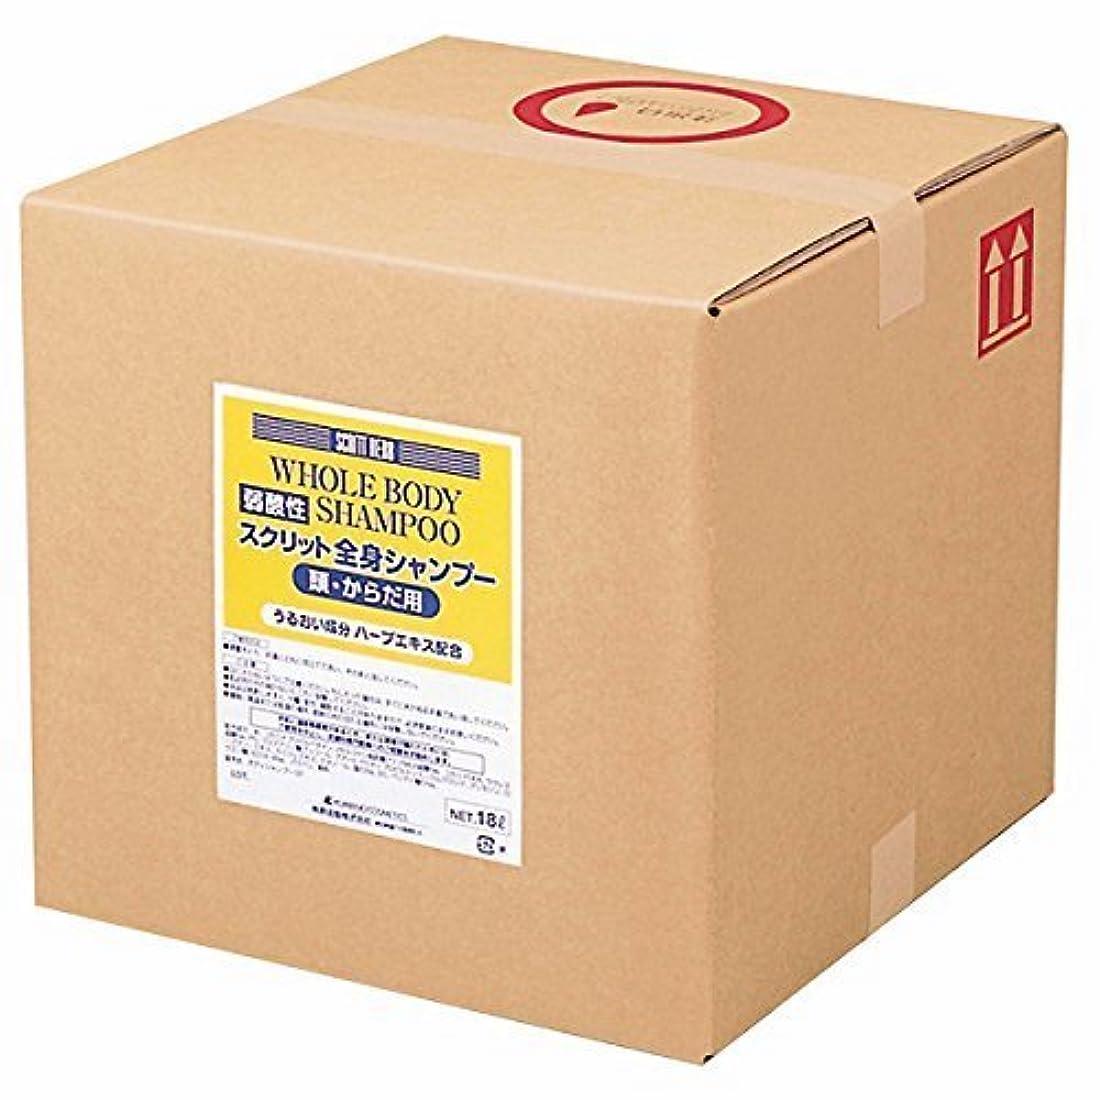 早熟見込み平凡業務用 SCRITT(スクリット) 全身シャンプー 18L 熊野油脂 (コック付き)